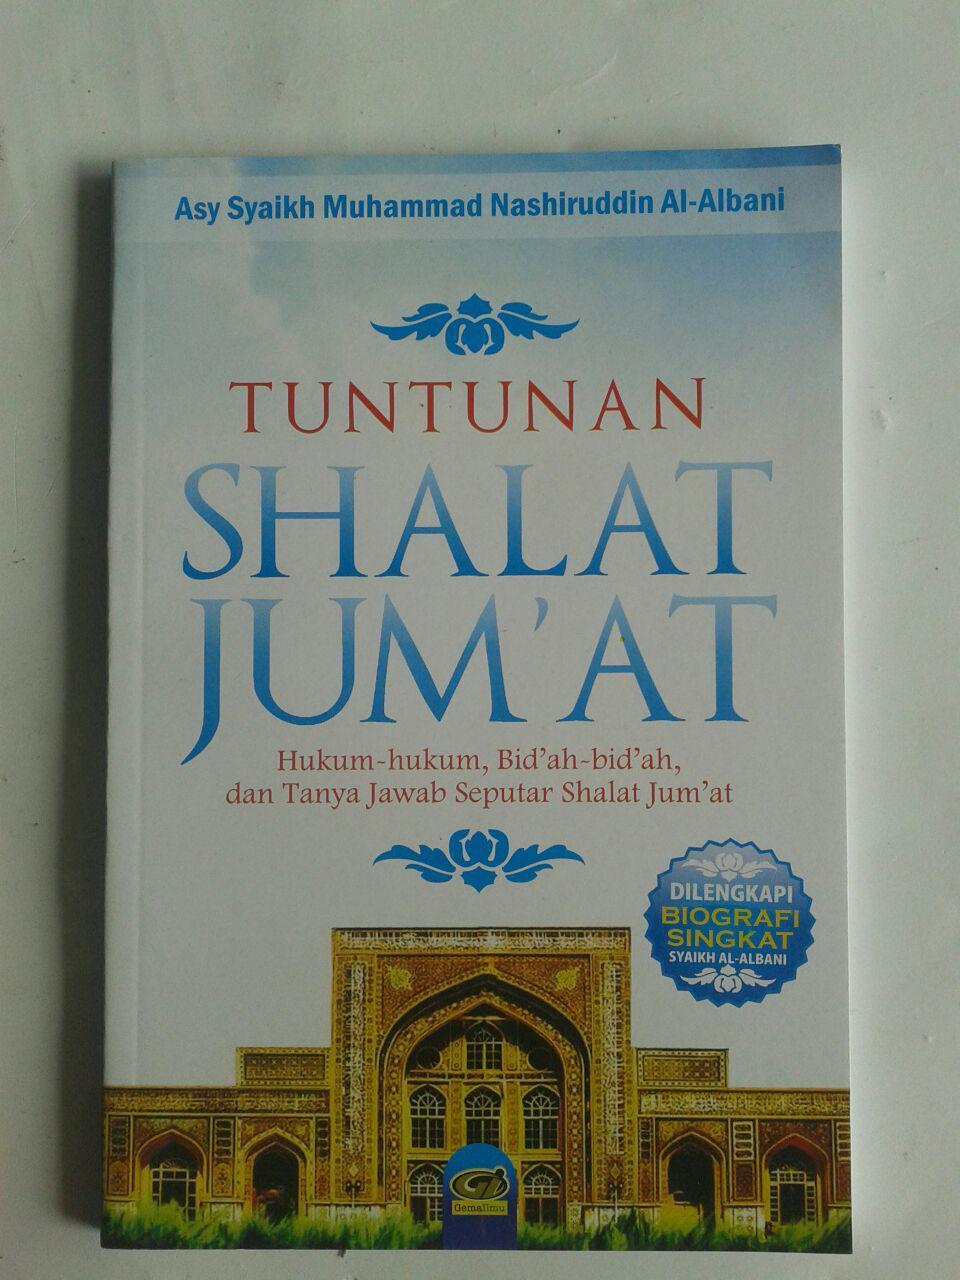 Buku Tuntunan Shalat Jumat Hukum Bidah Dan Tanya Jawab cover 2